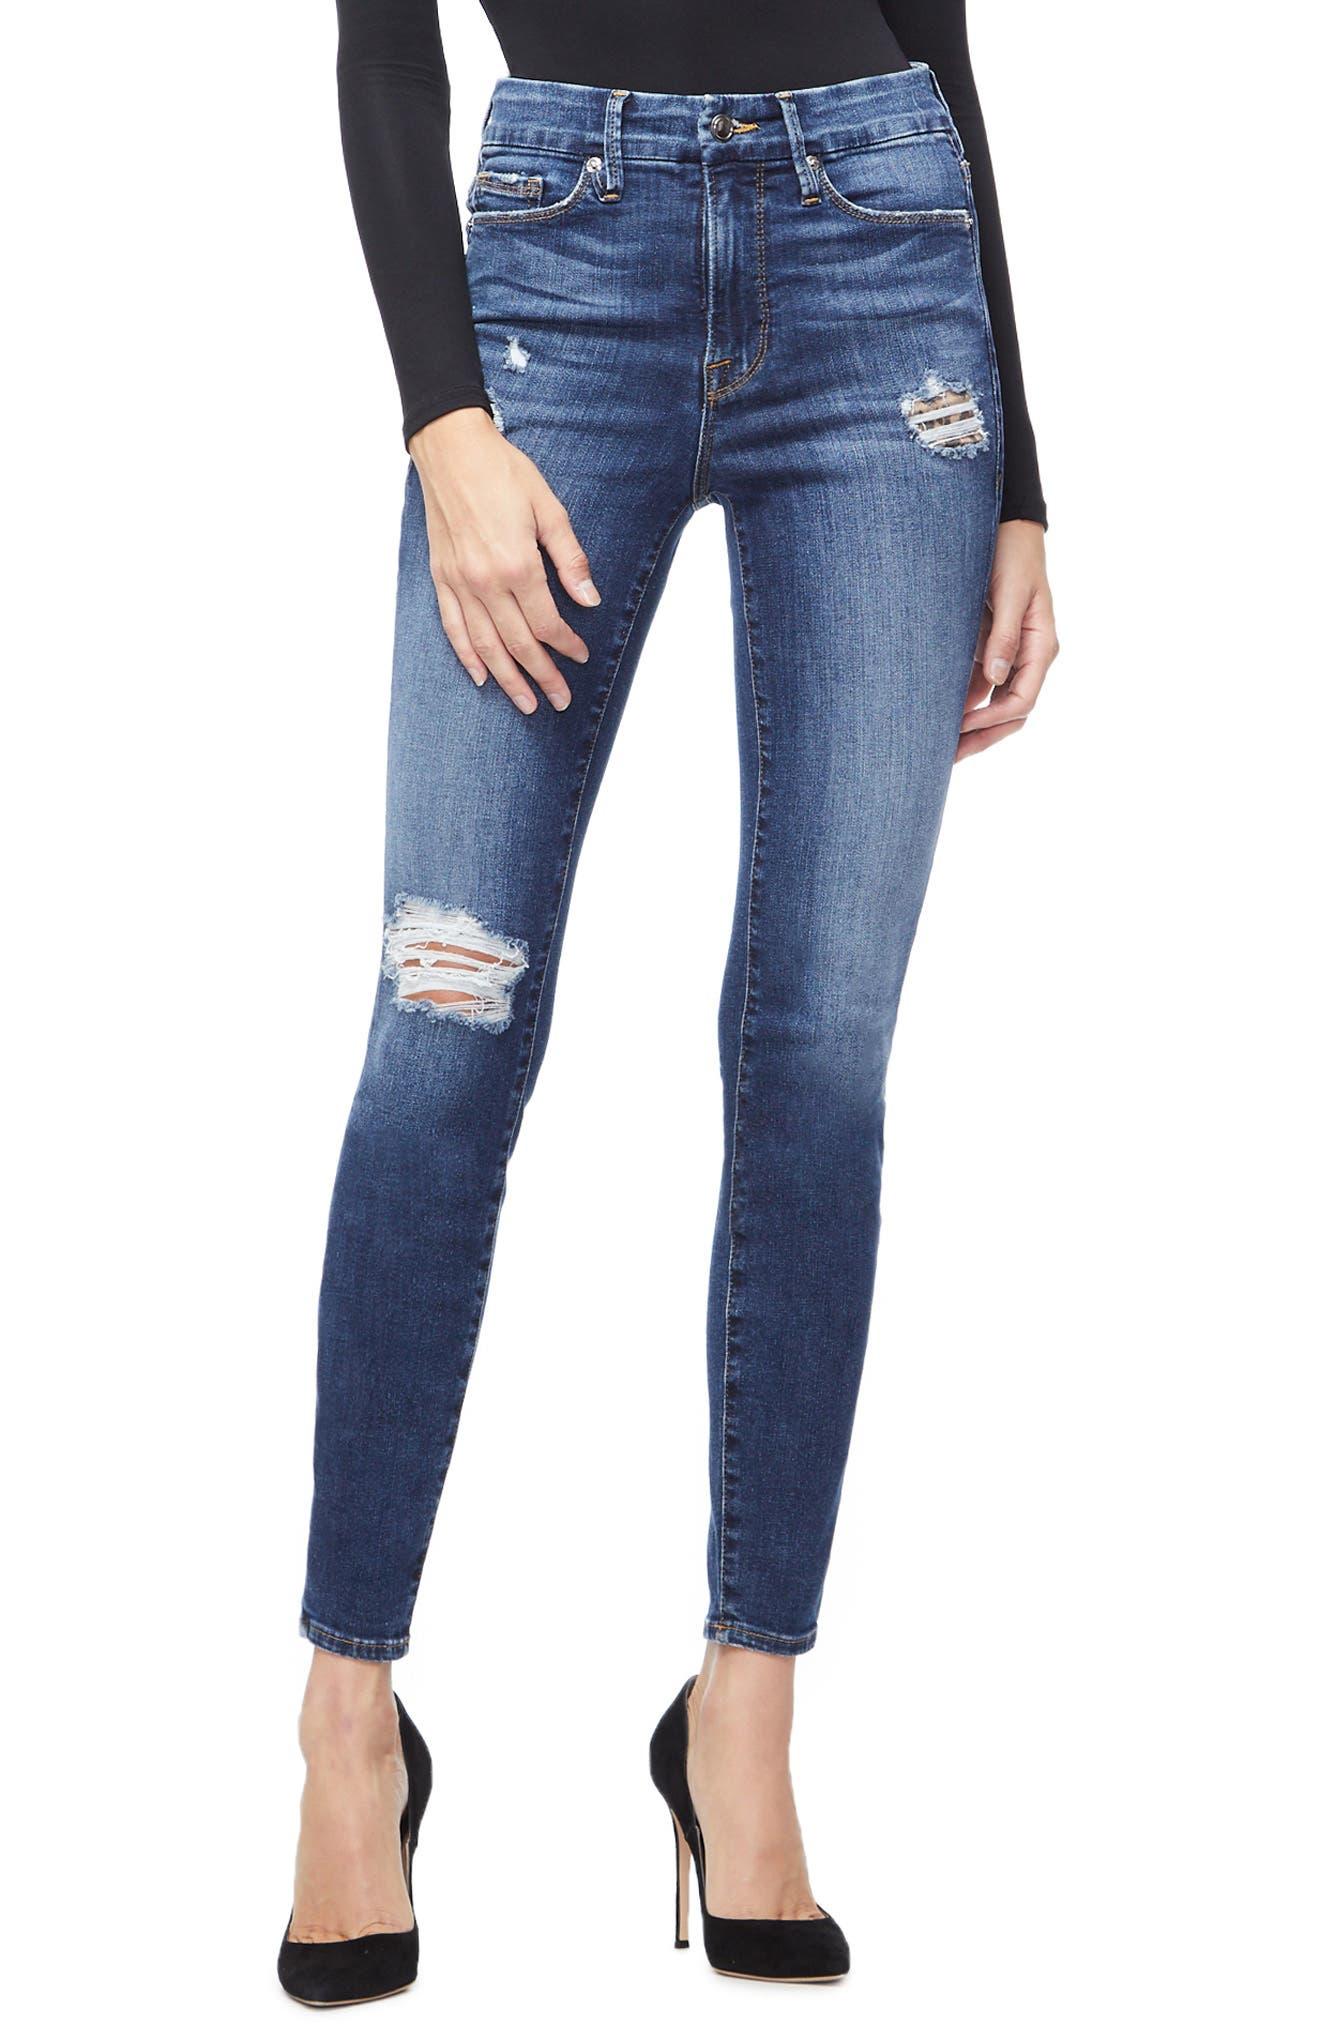 GOOD AMERICAN, Good Legs Cheetah Pockets High Waist Jeans, Main thumbnail 1, color, BLUE203